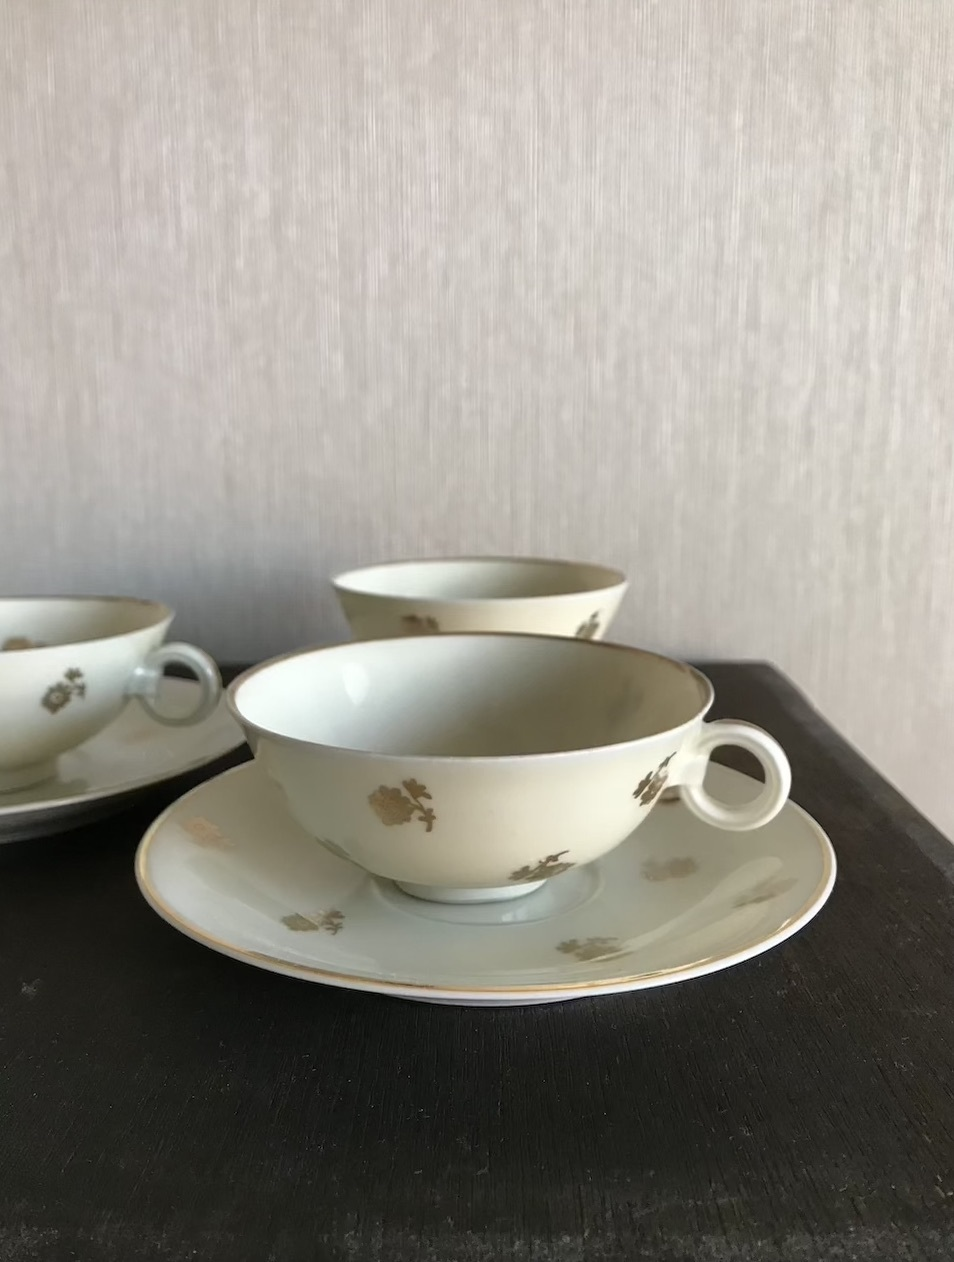 Paris 1940年代 リモージュ焼きのテーカップ&ソーサー